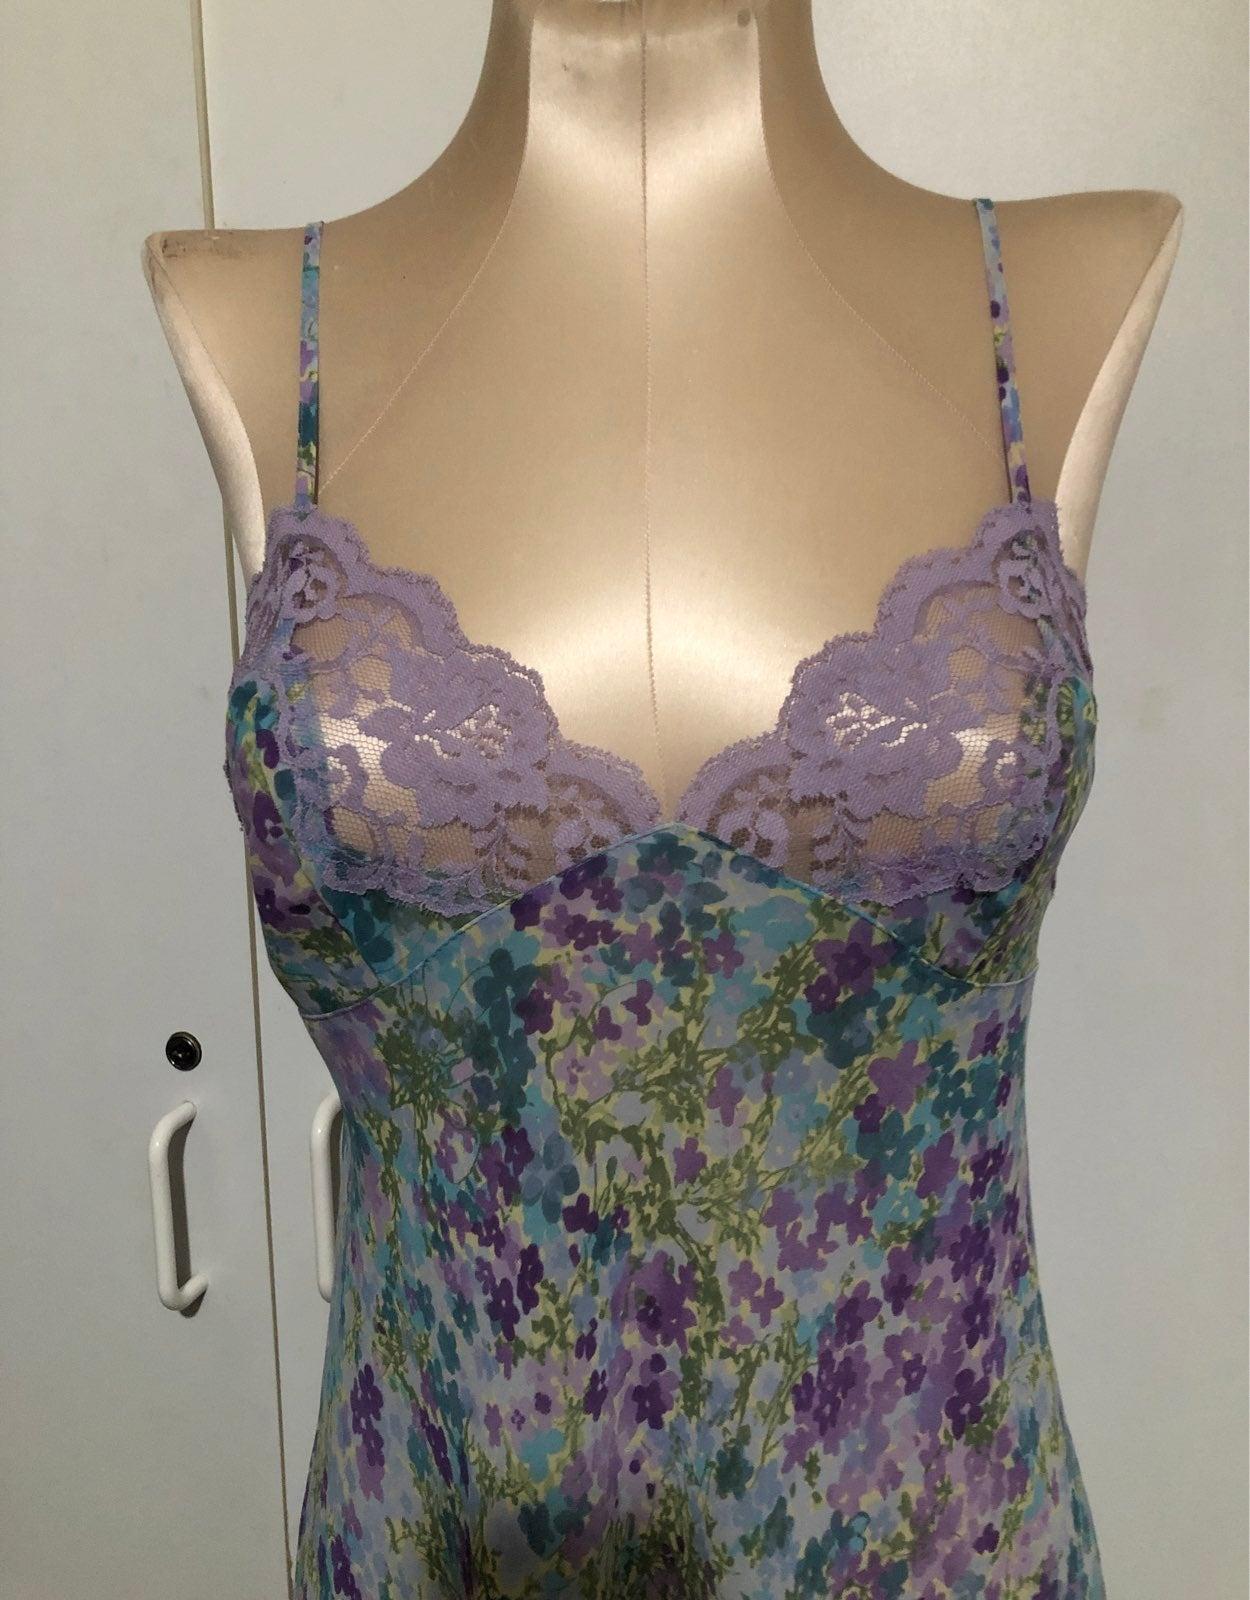 NWOT Victoria's Secret S Floral Lingerie